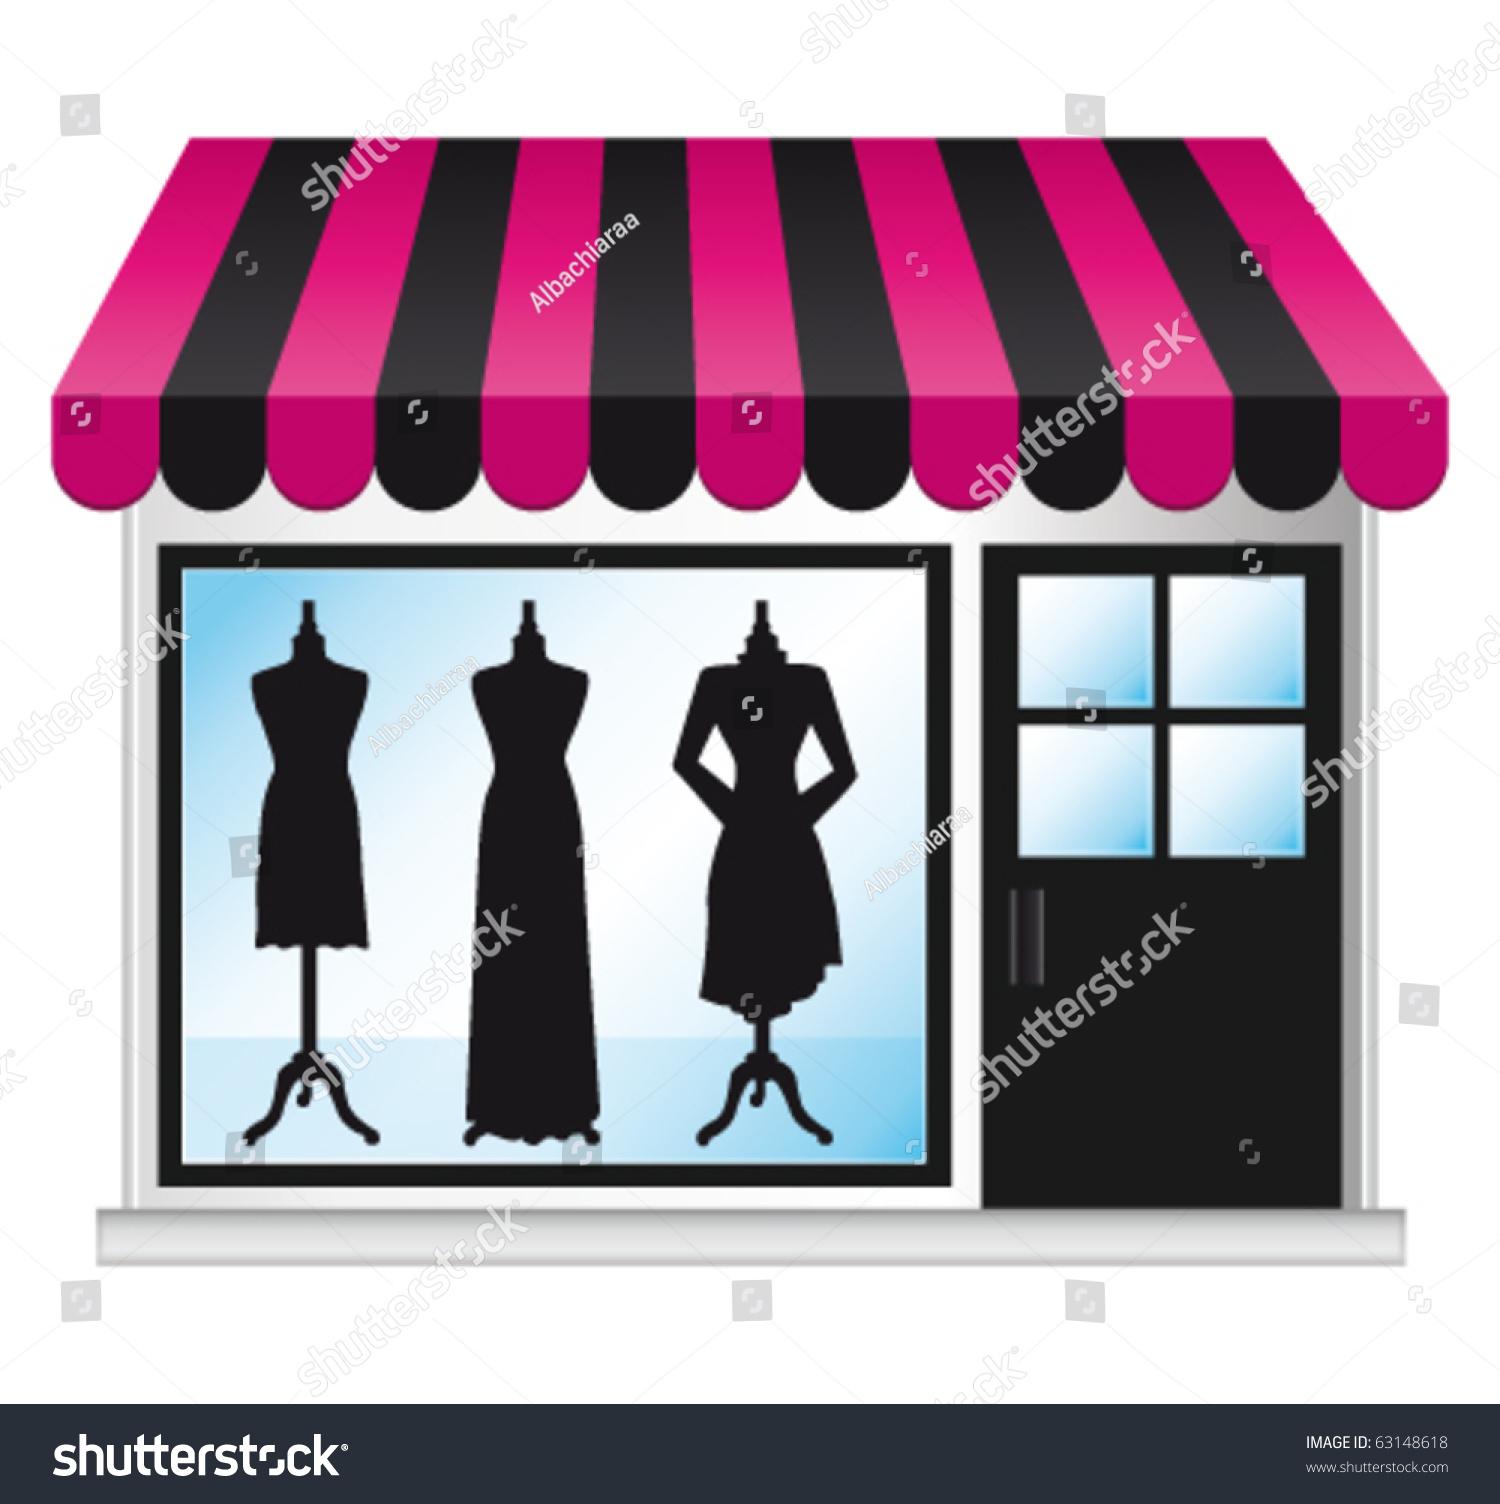 shop window clipart - photo #7